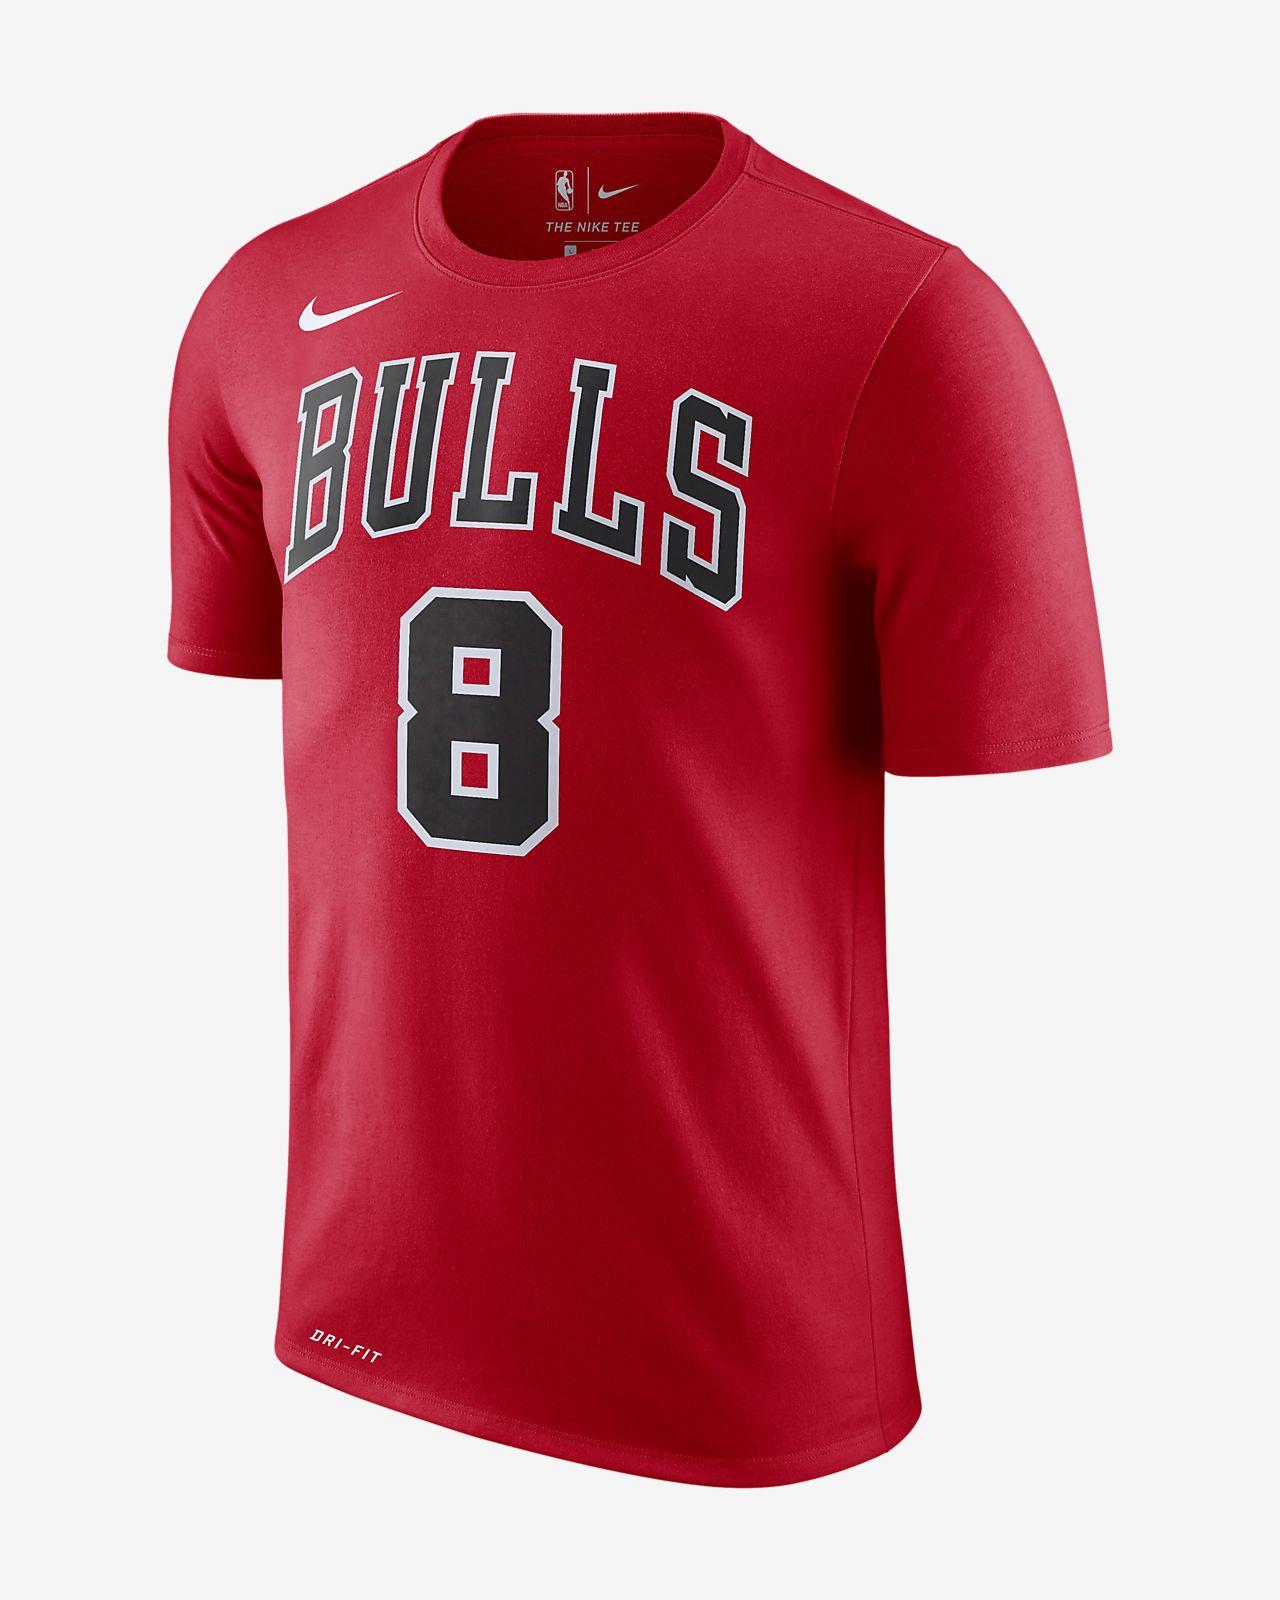 ザック ラビーン シカゴ ブルズ ナイキ Dri-FIT メンズ NBA Tシャツ